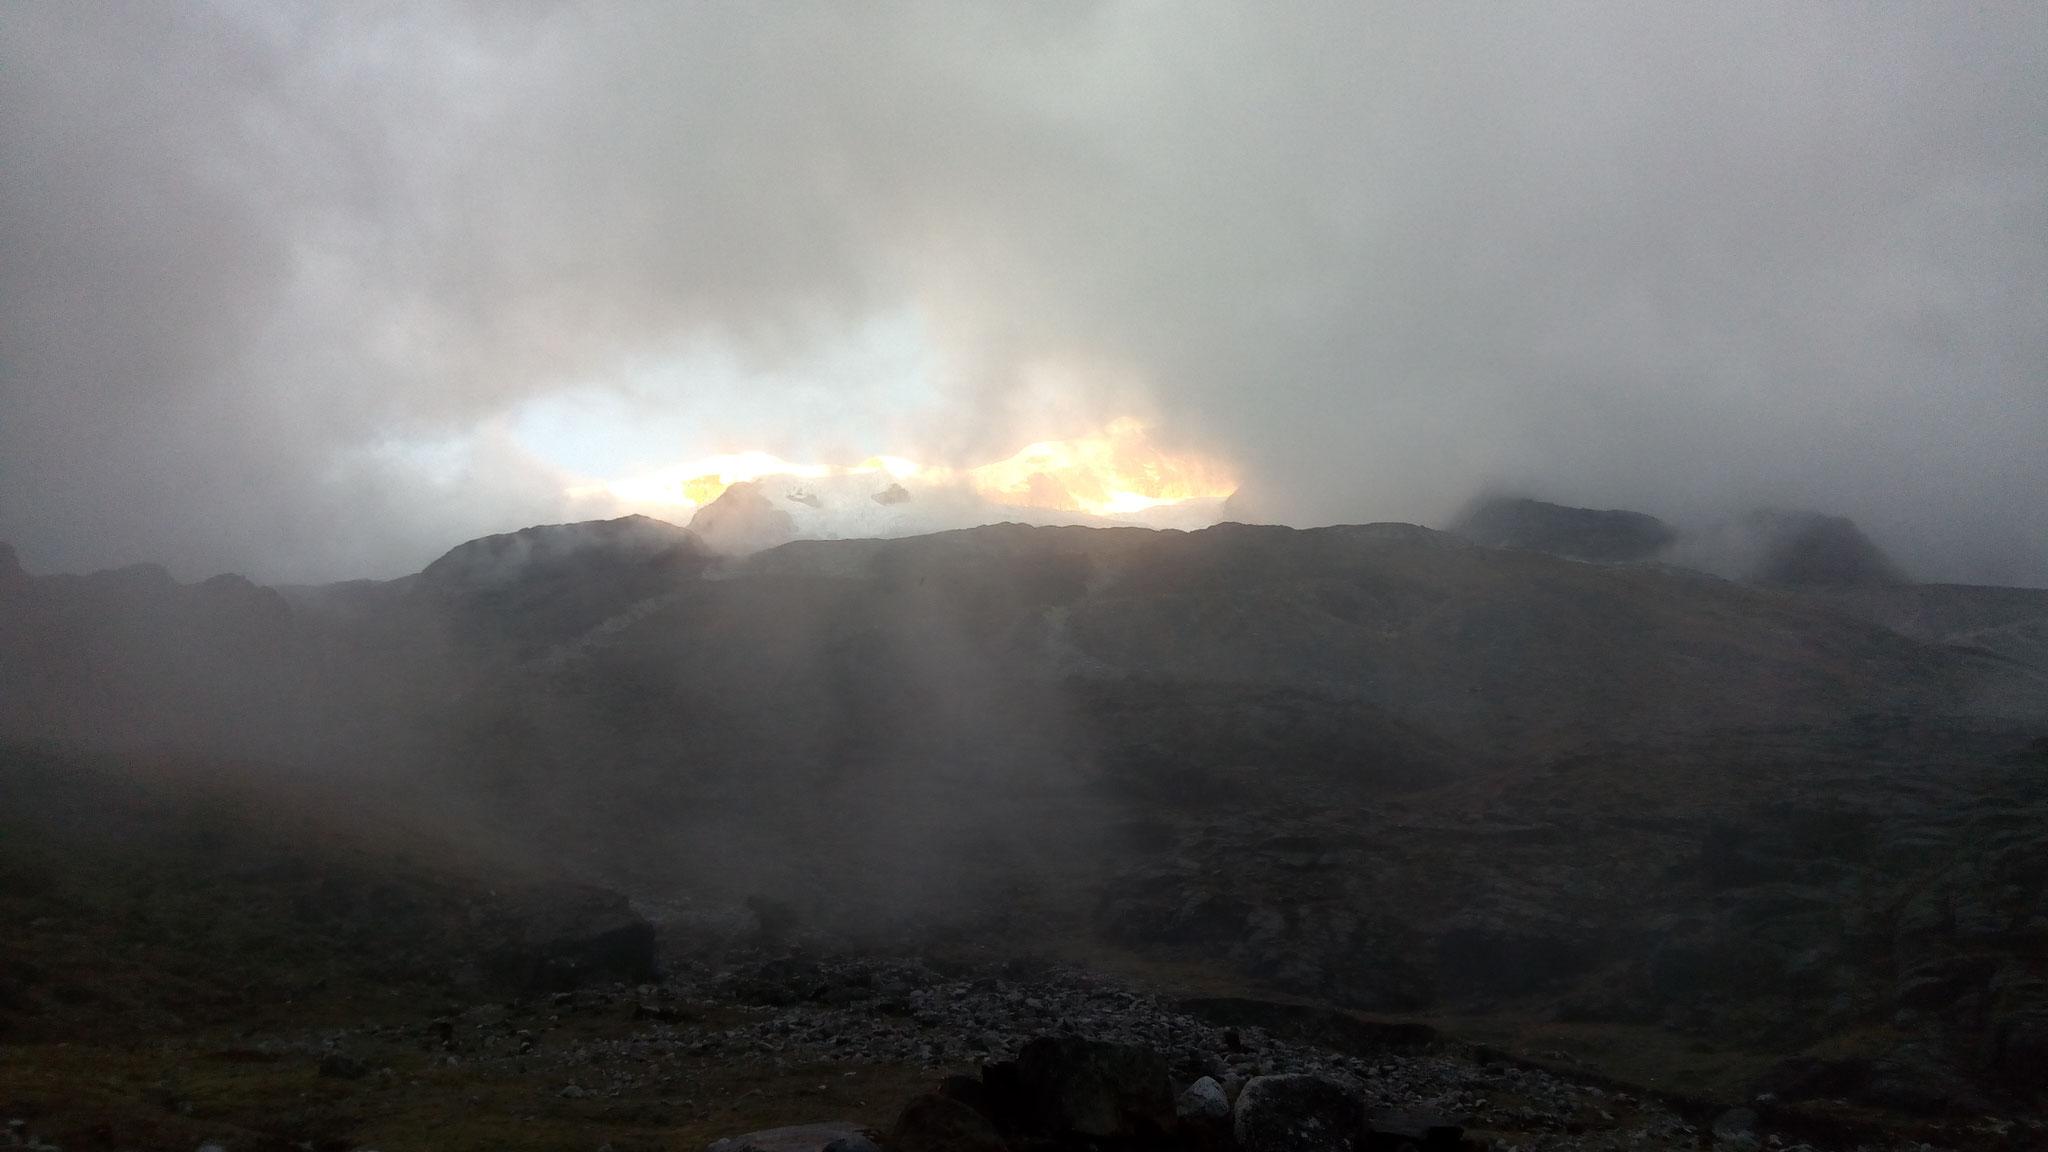 Qui a mis le feu là-haut? Ha non c'est juste le magnifique coucher de soleil sur la montagne !